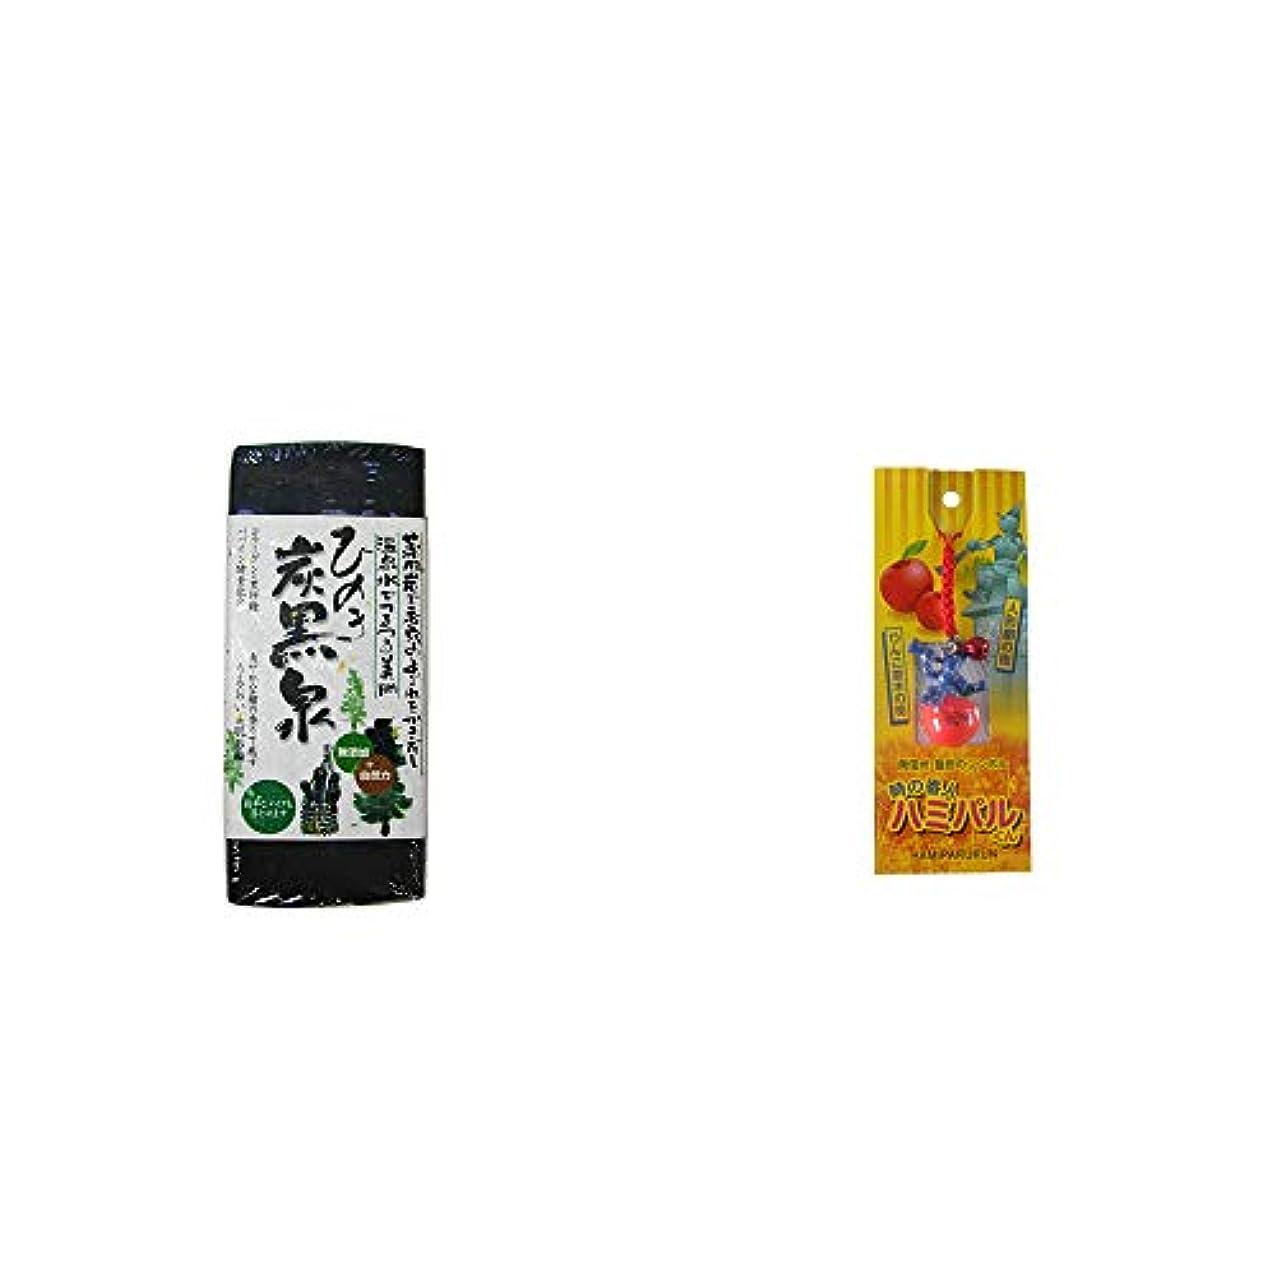 辛な精緻化リーク[2点セット] ひのき炭黒泉(75g×2)?信州?飯田のシンボル 時の番人ハミパルくんストラップ